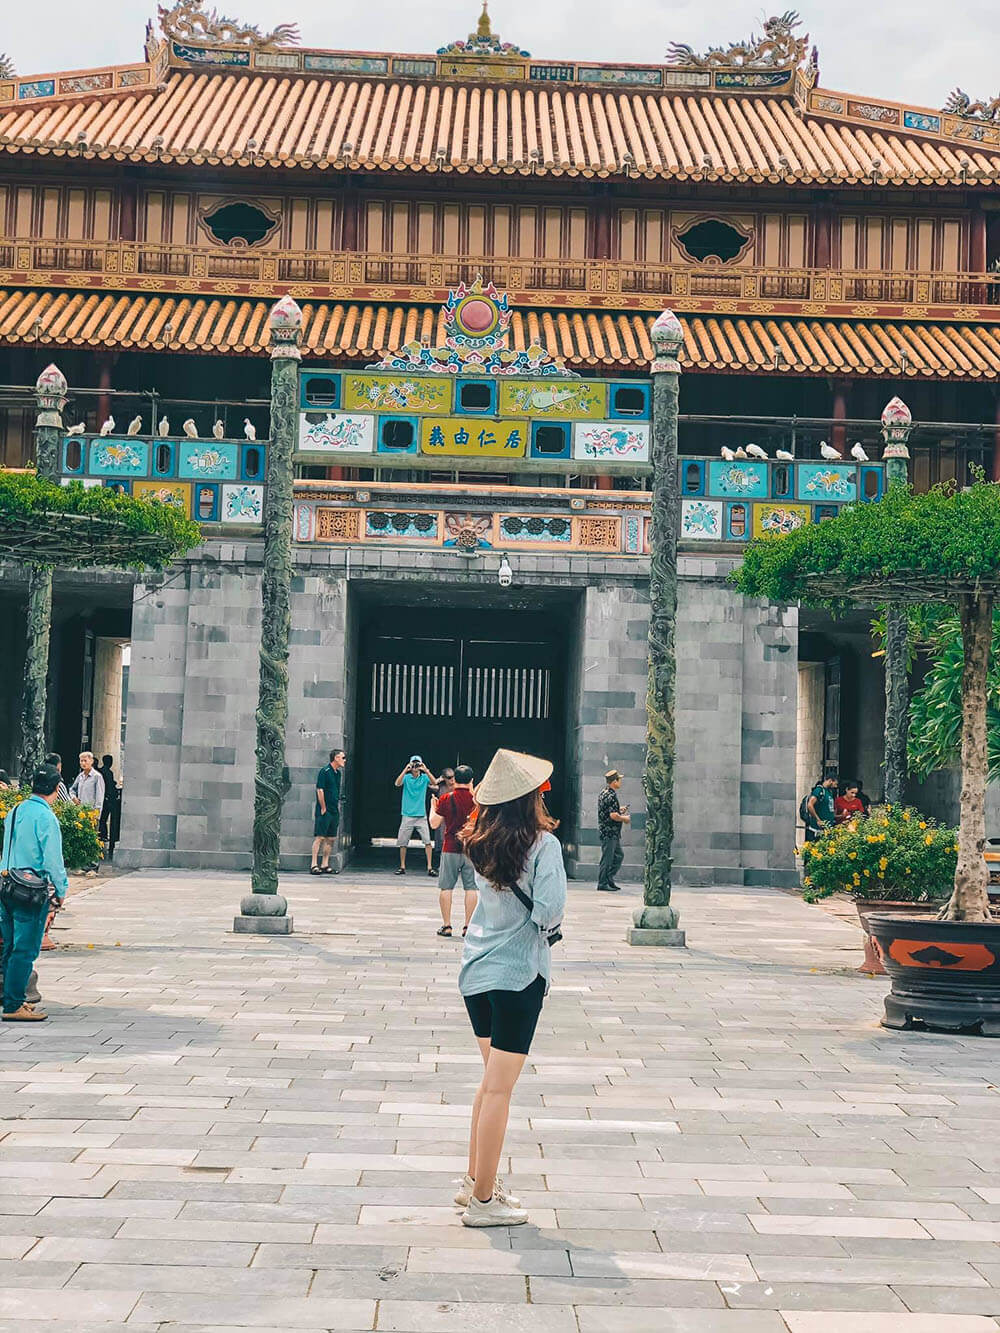 Quan The Di Tich Hoan Cung Hue Dai Noi Hue Review Hue Da Nang Hoi An Ninh Binh 7n7d Chi Voi 8 Trieu Tin Duoc Khong 01